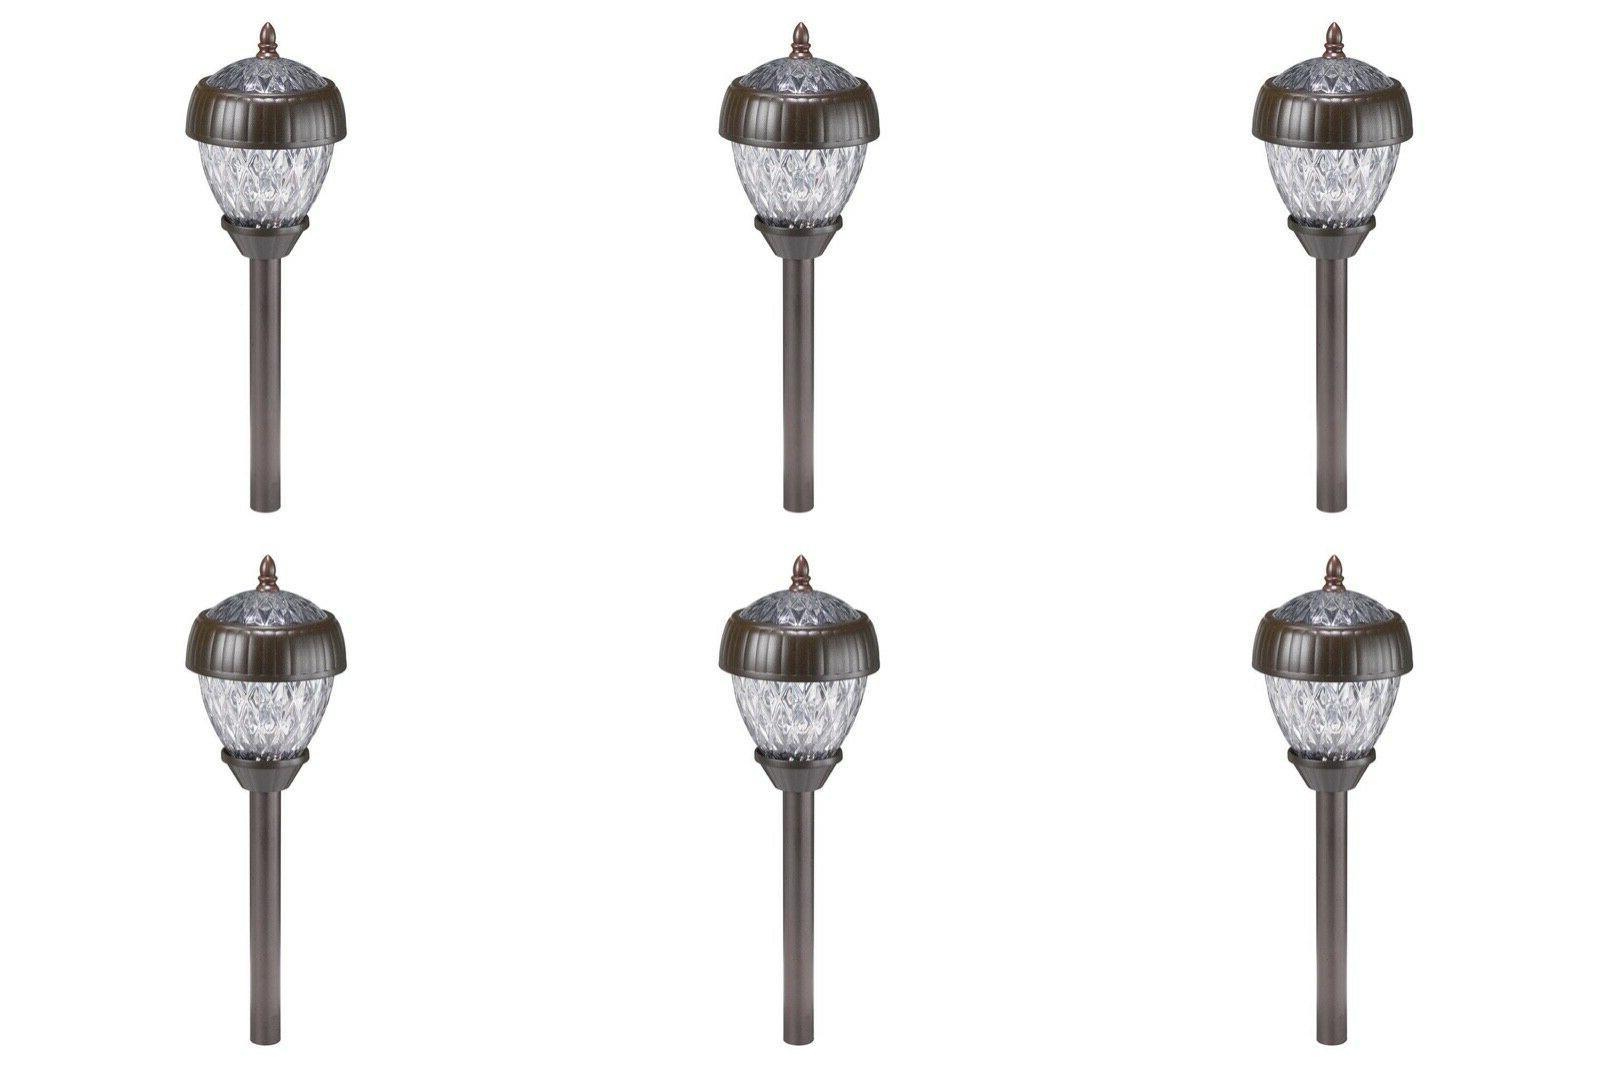 acorn 2 light solar pathway led bulbs